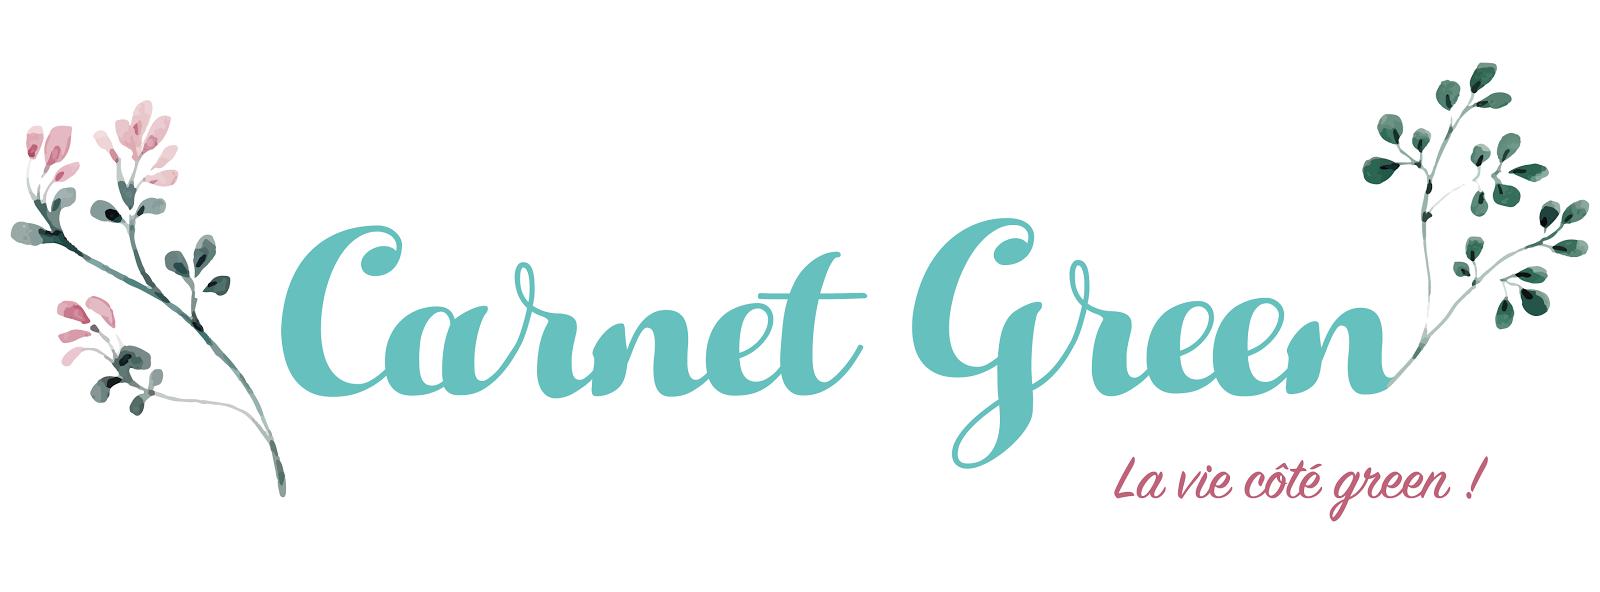 Carnet Green – beauté, bien-être, lifestyle au naturel